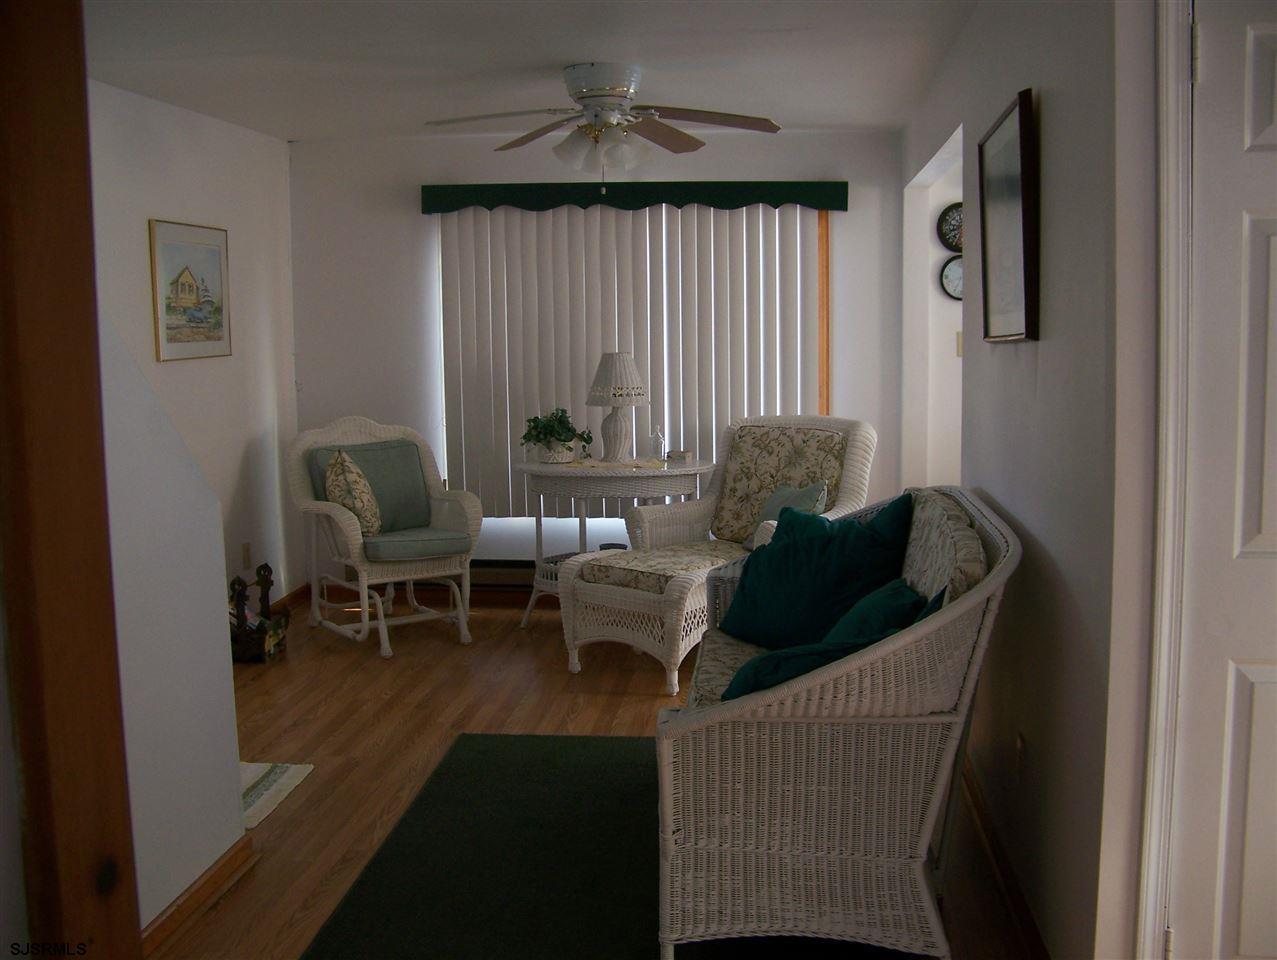 209 Cove Rd, Newport NJ 08345